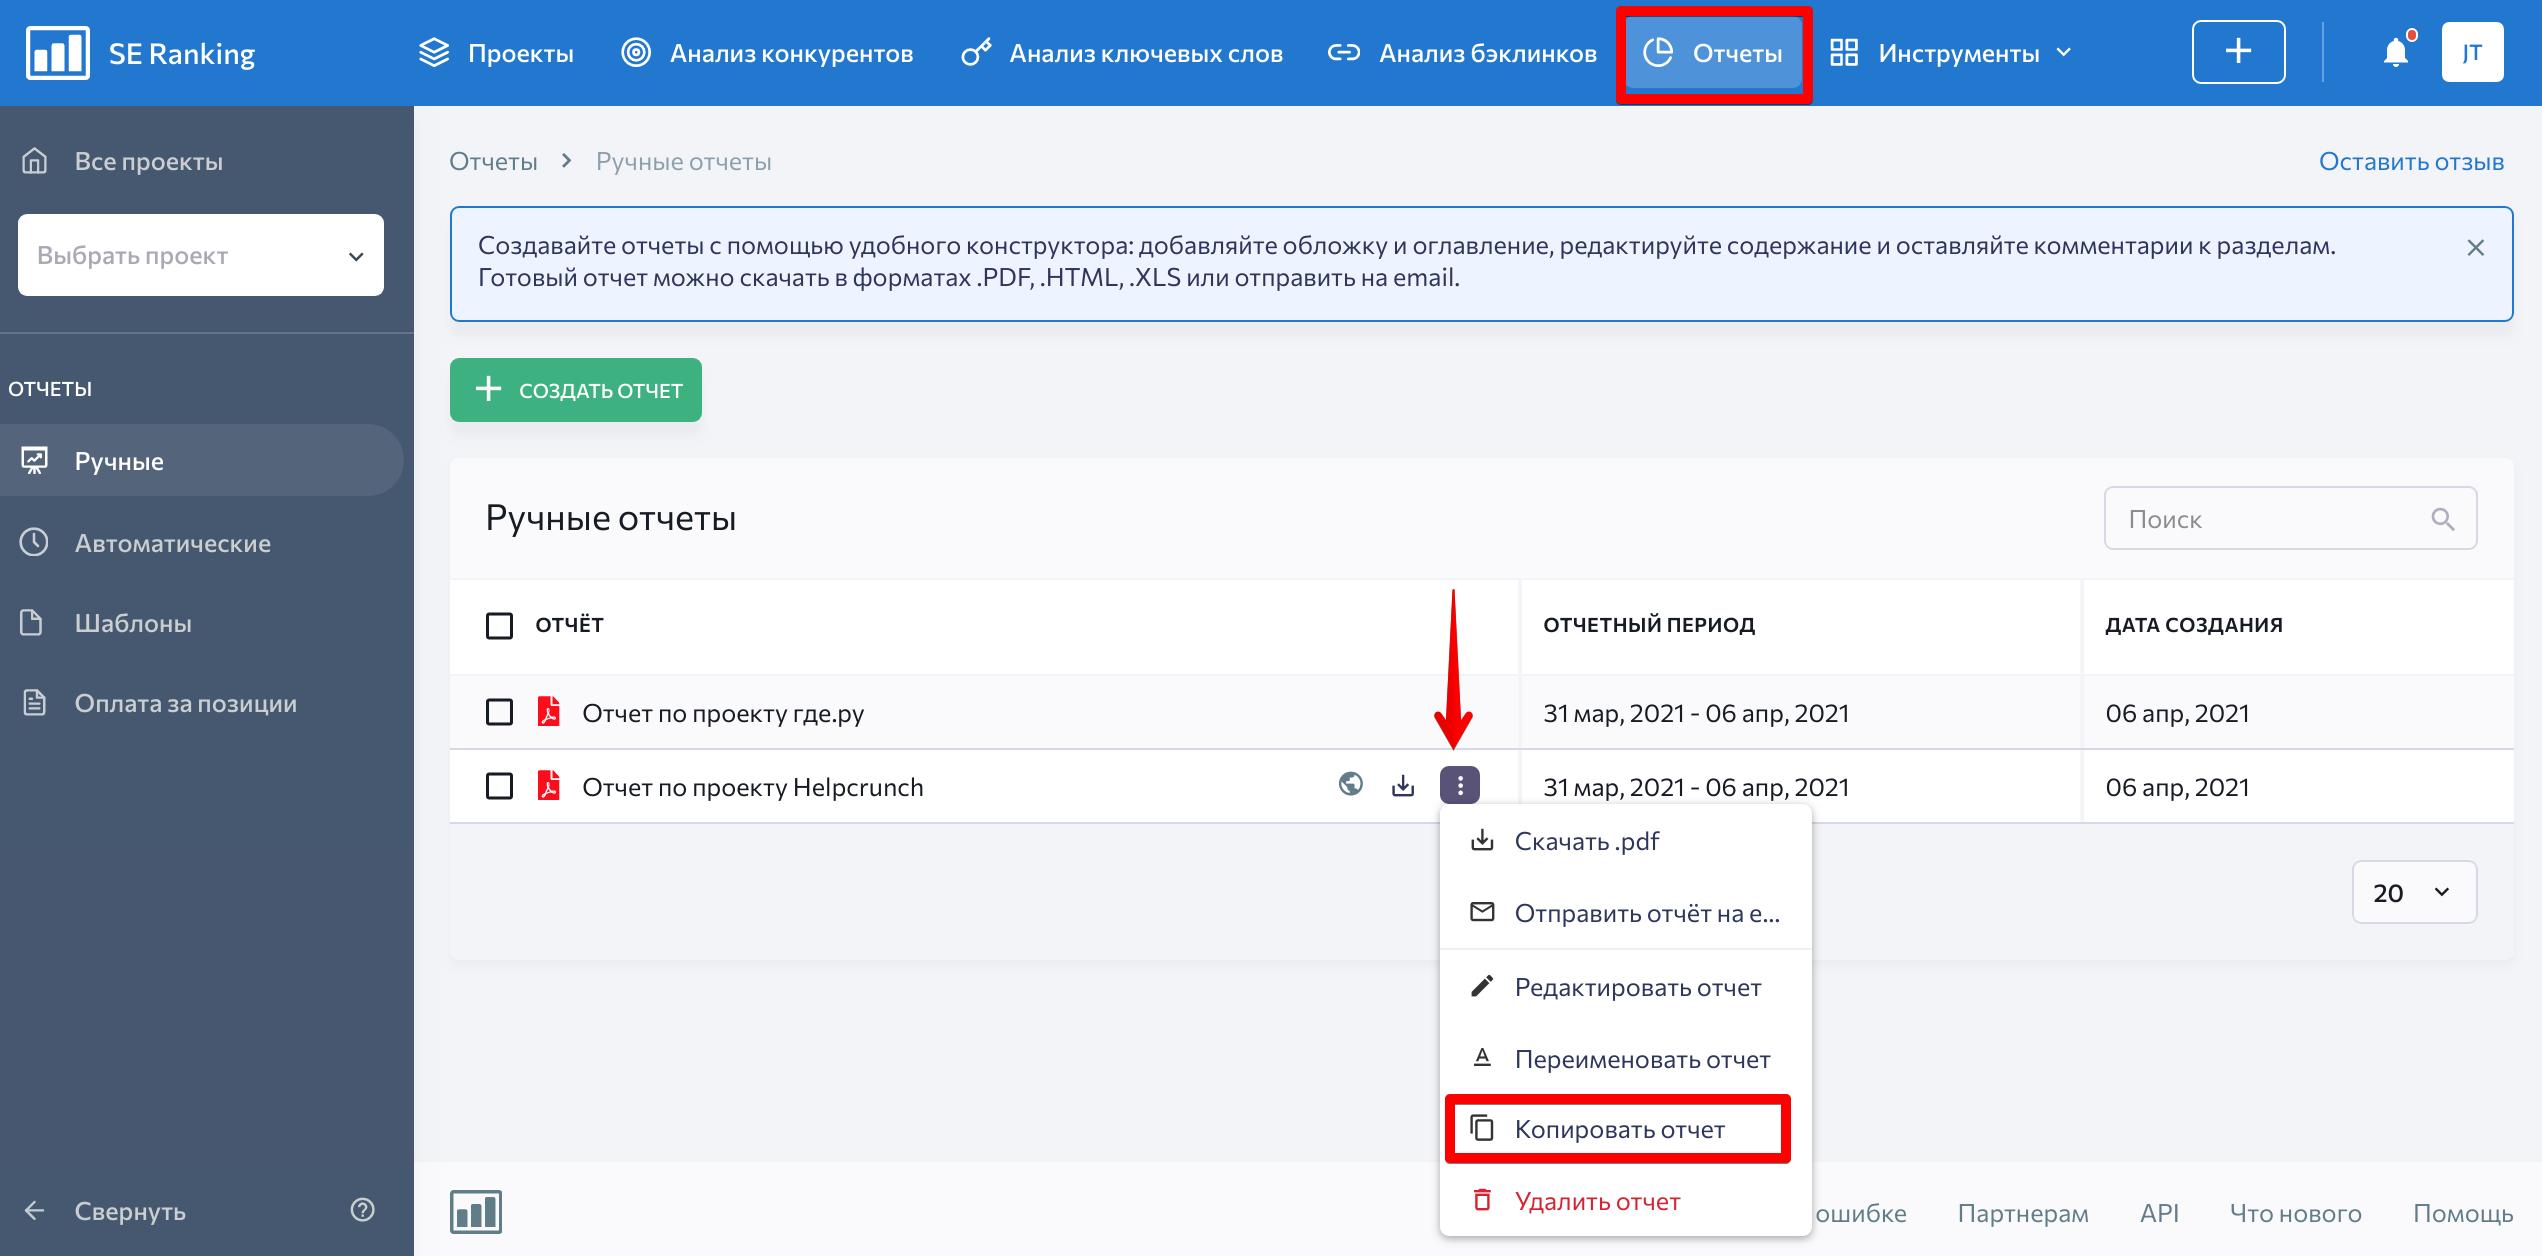 копирование отчетов в SE Ranking